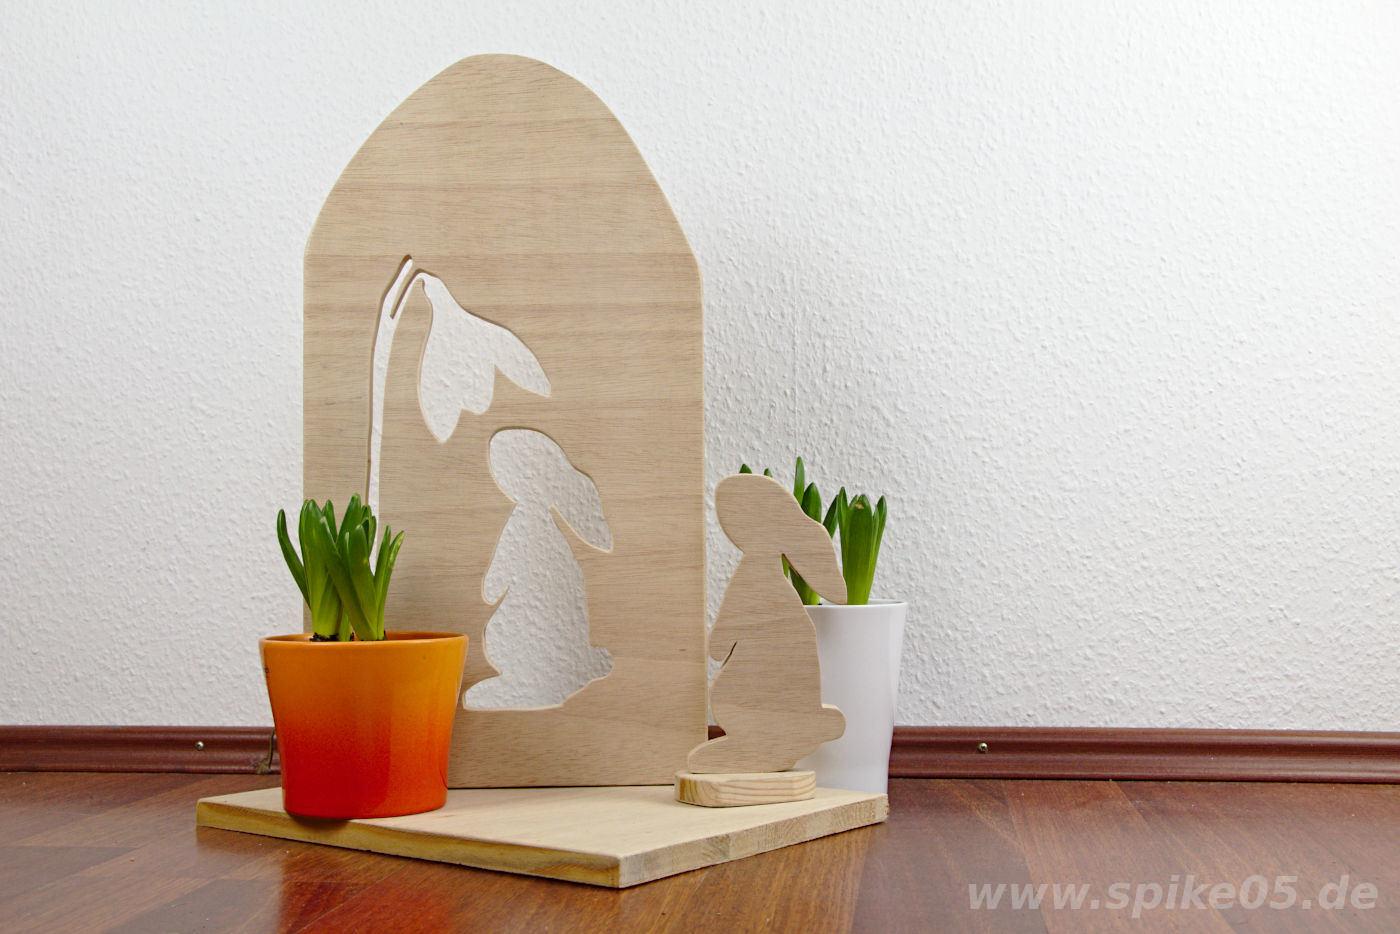 Osterdeko Aufsteller Hase mit Schneegloeckchen